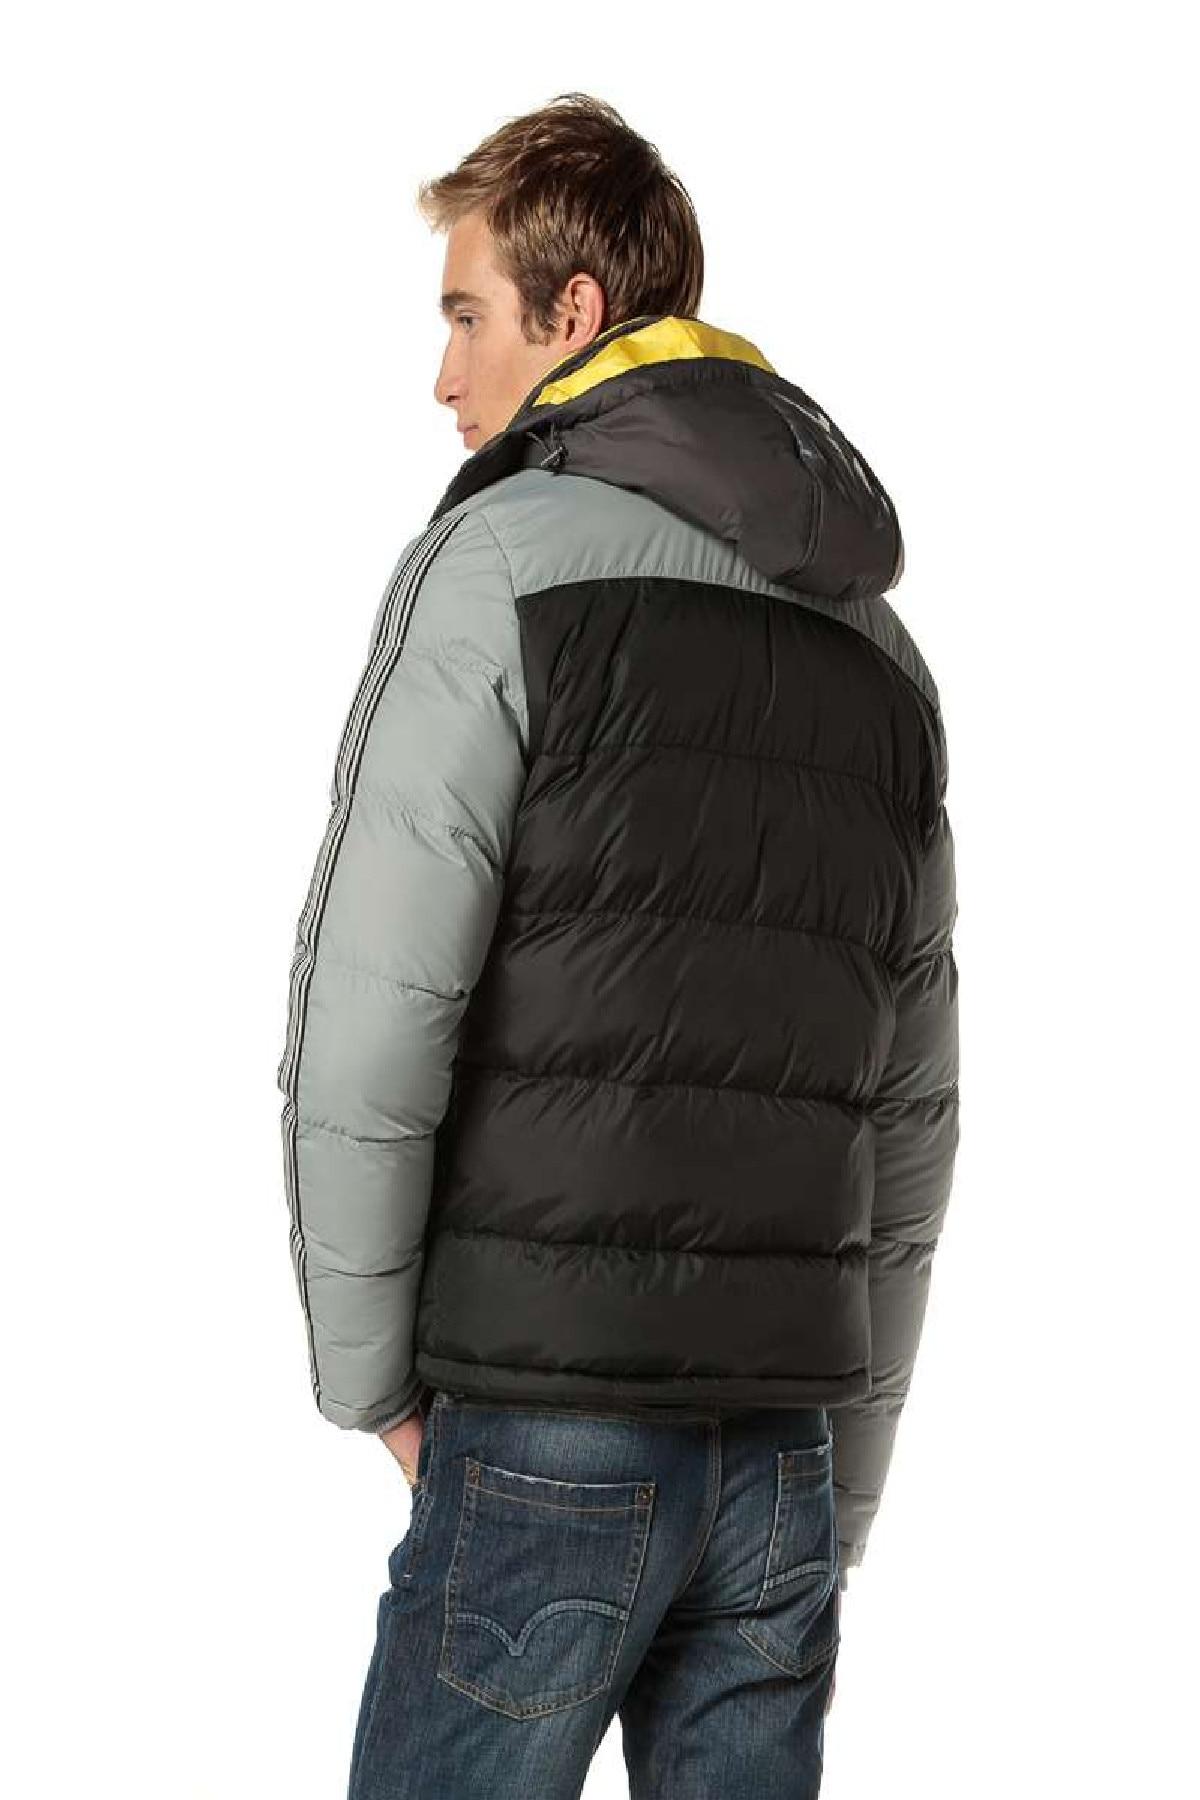 Férfi kabátok, dzsekik és mellények Anyag Orkán eMAG.hu